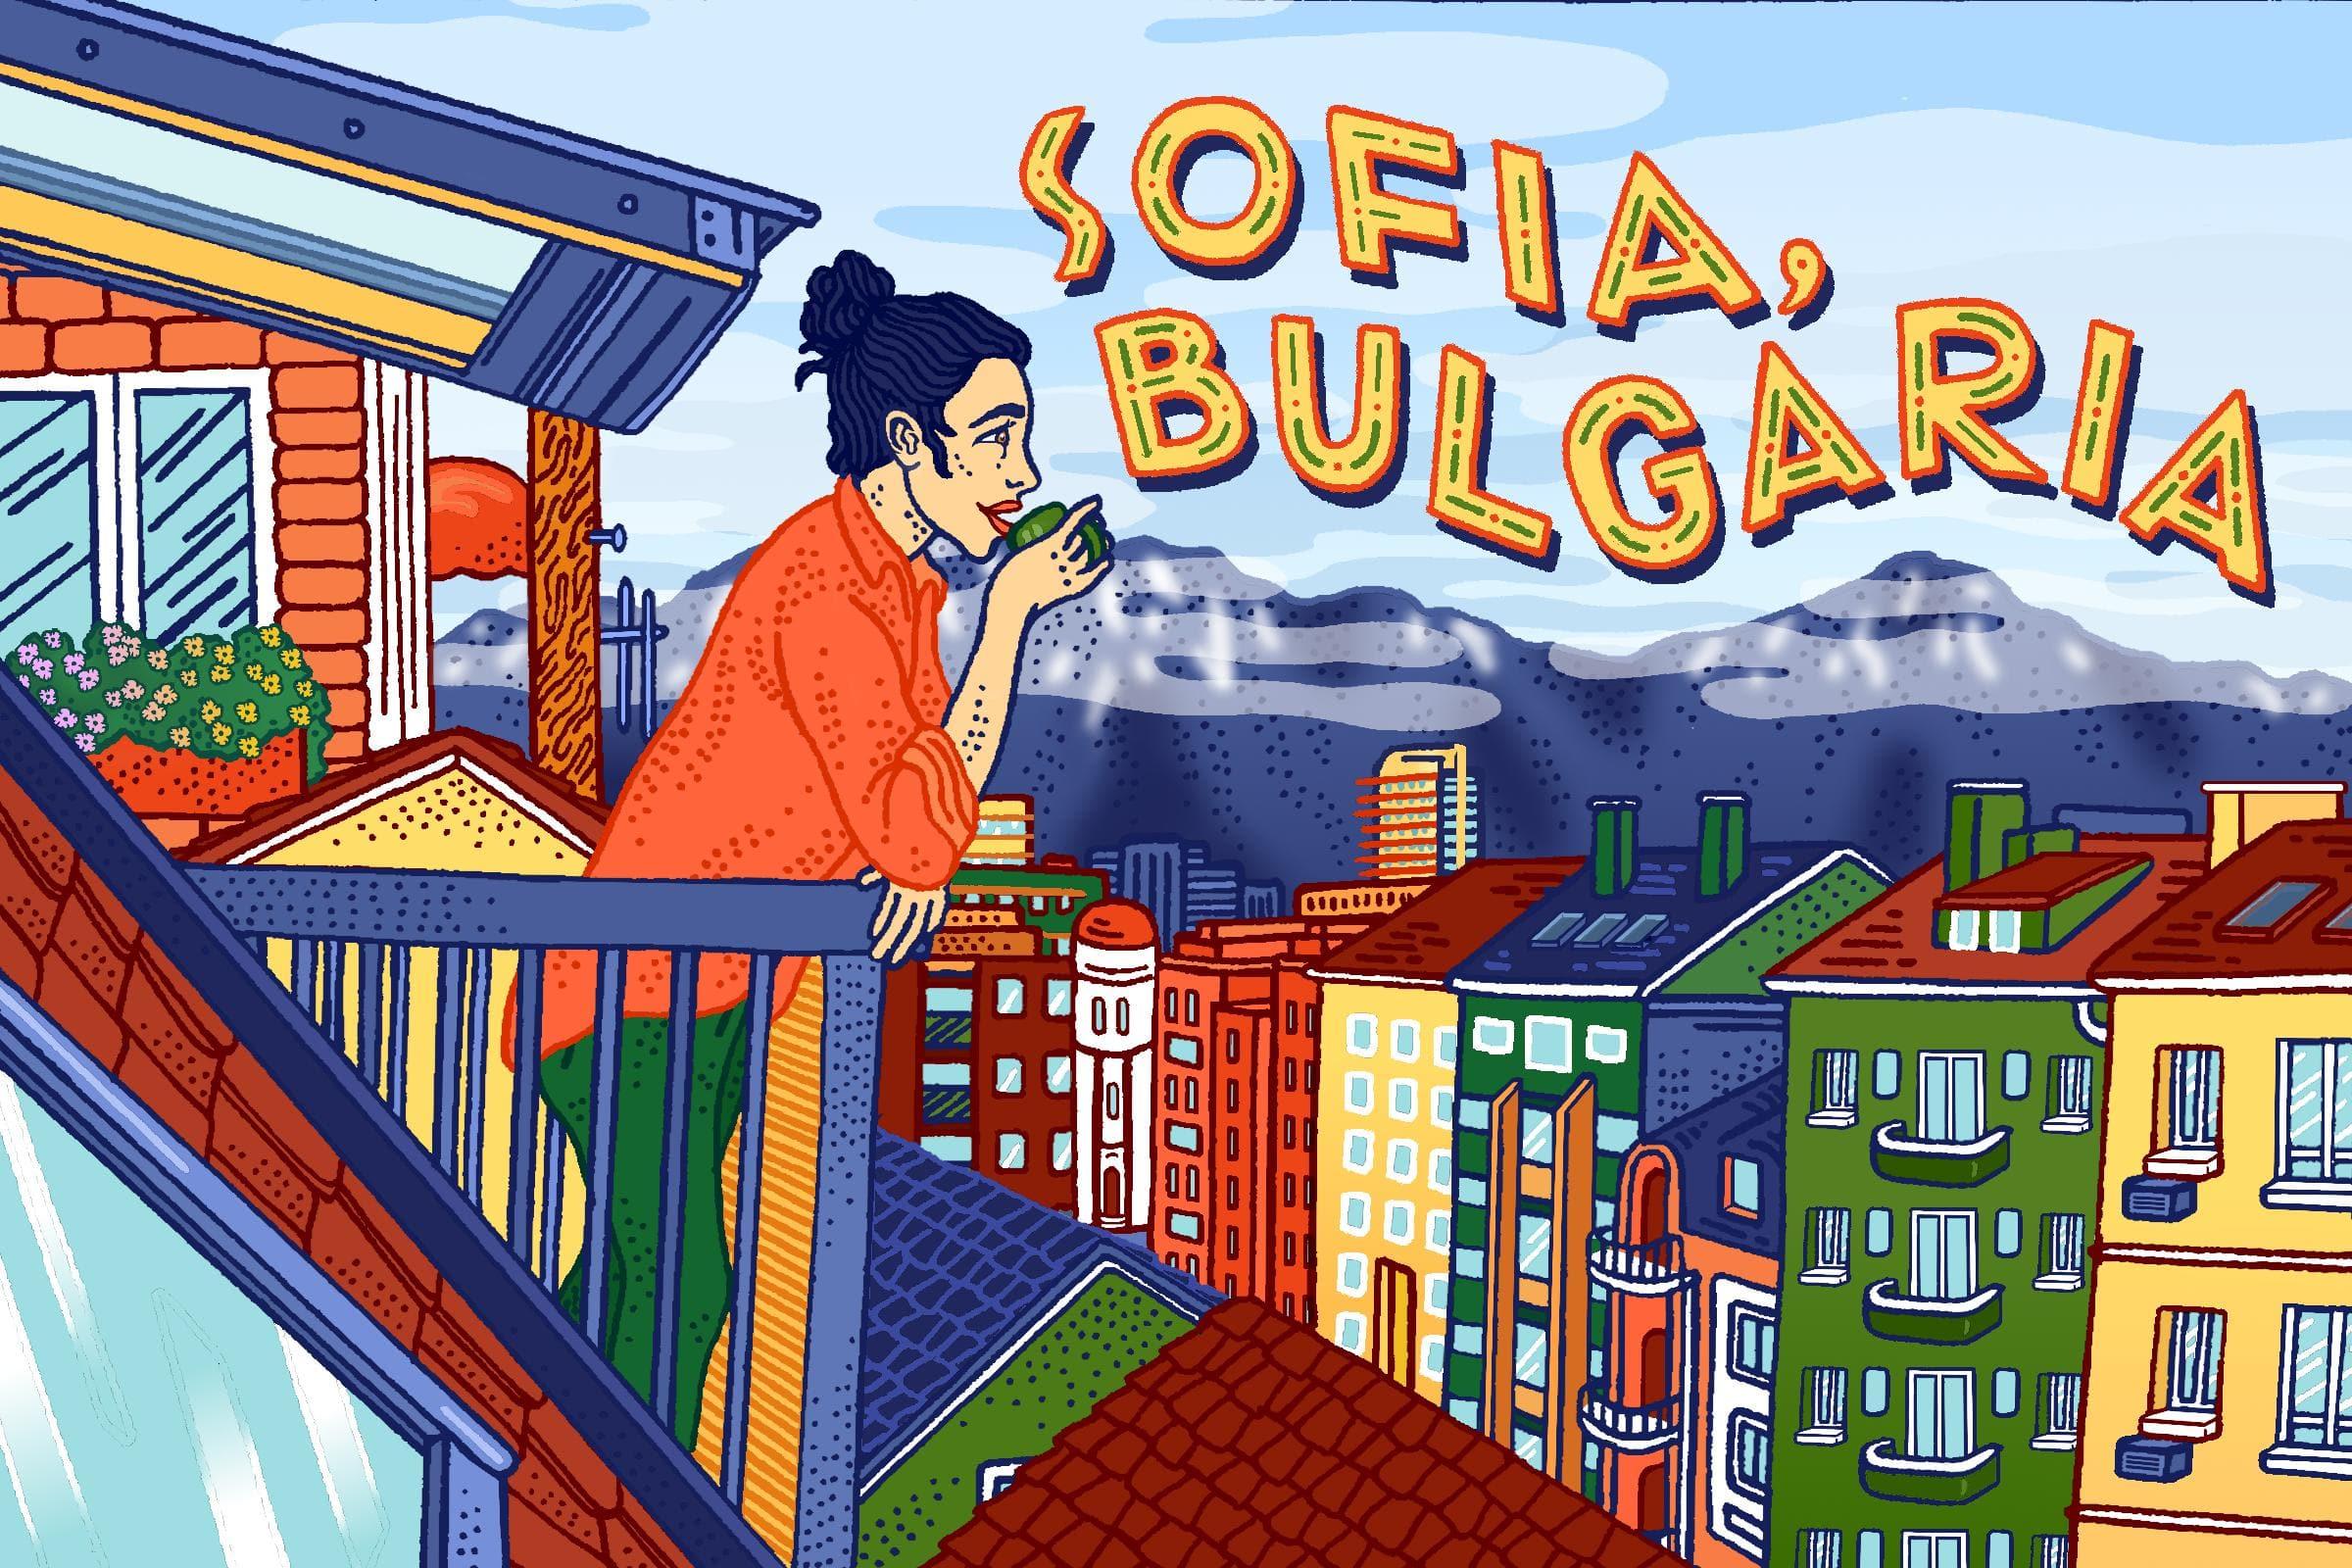 Sofia Bulgaria Final Color